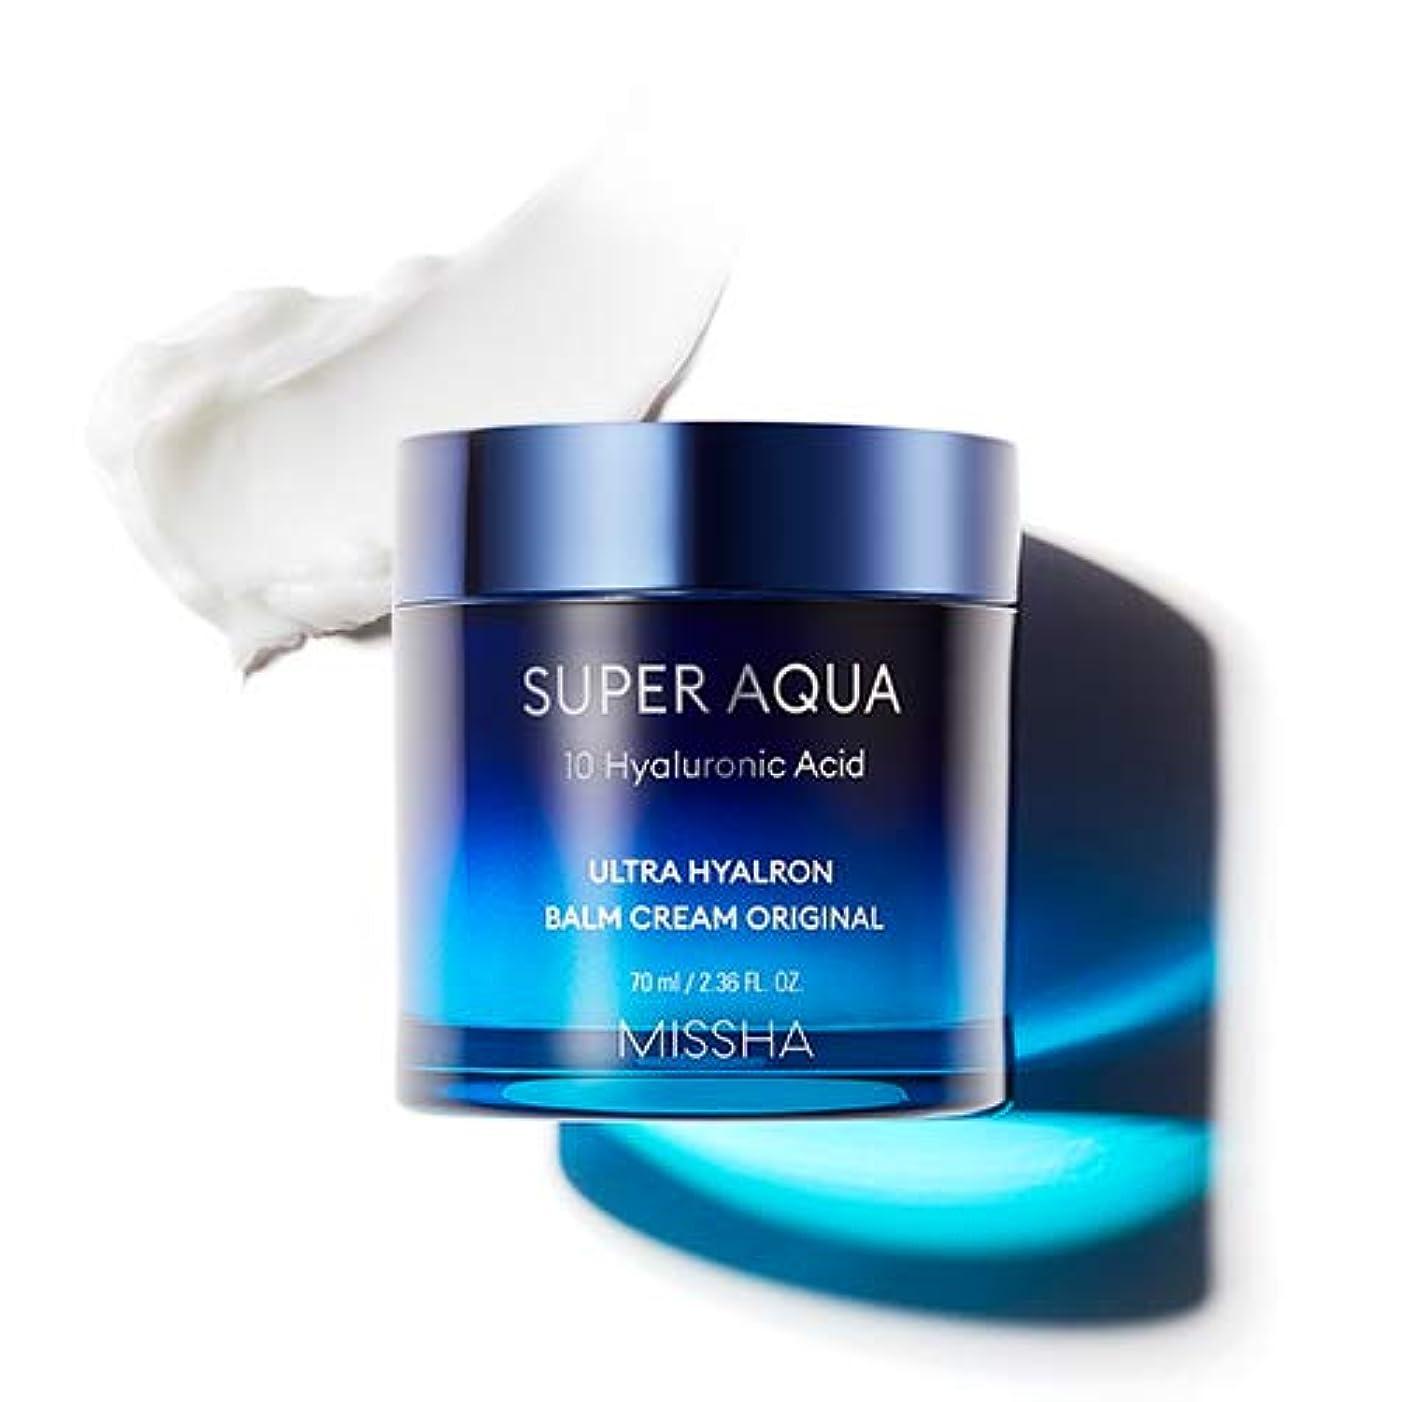 クリップオリエント粘性のMISSHA Super Aqua Ultra Hyalron Balm Cream Original ミシャ スーパーアクア ウルトラ ヒアルロン バーム クリーム オリジナル 70ml [並行輸入品]